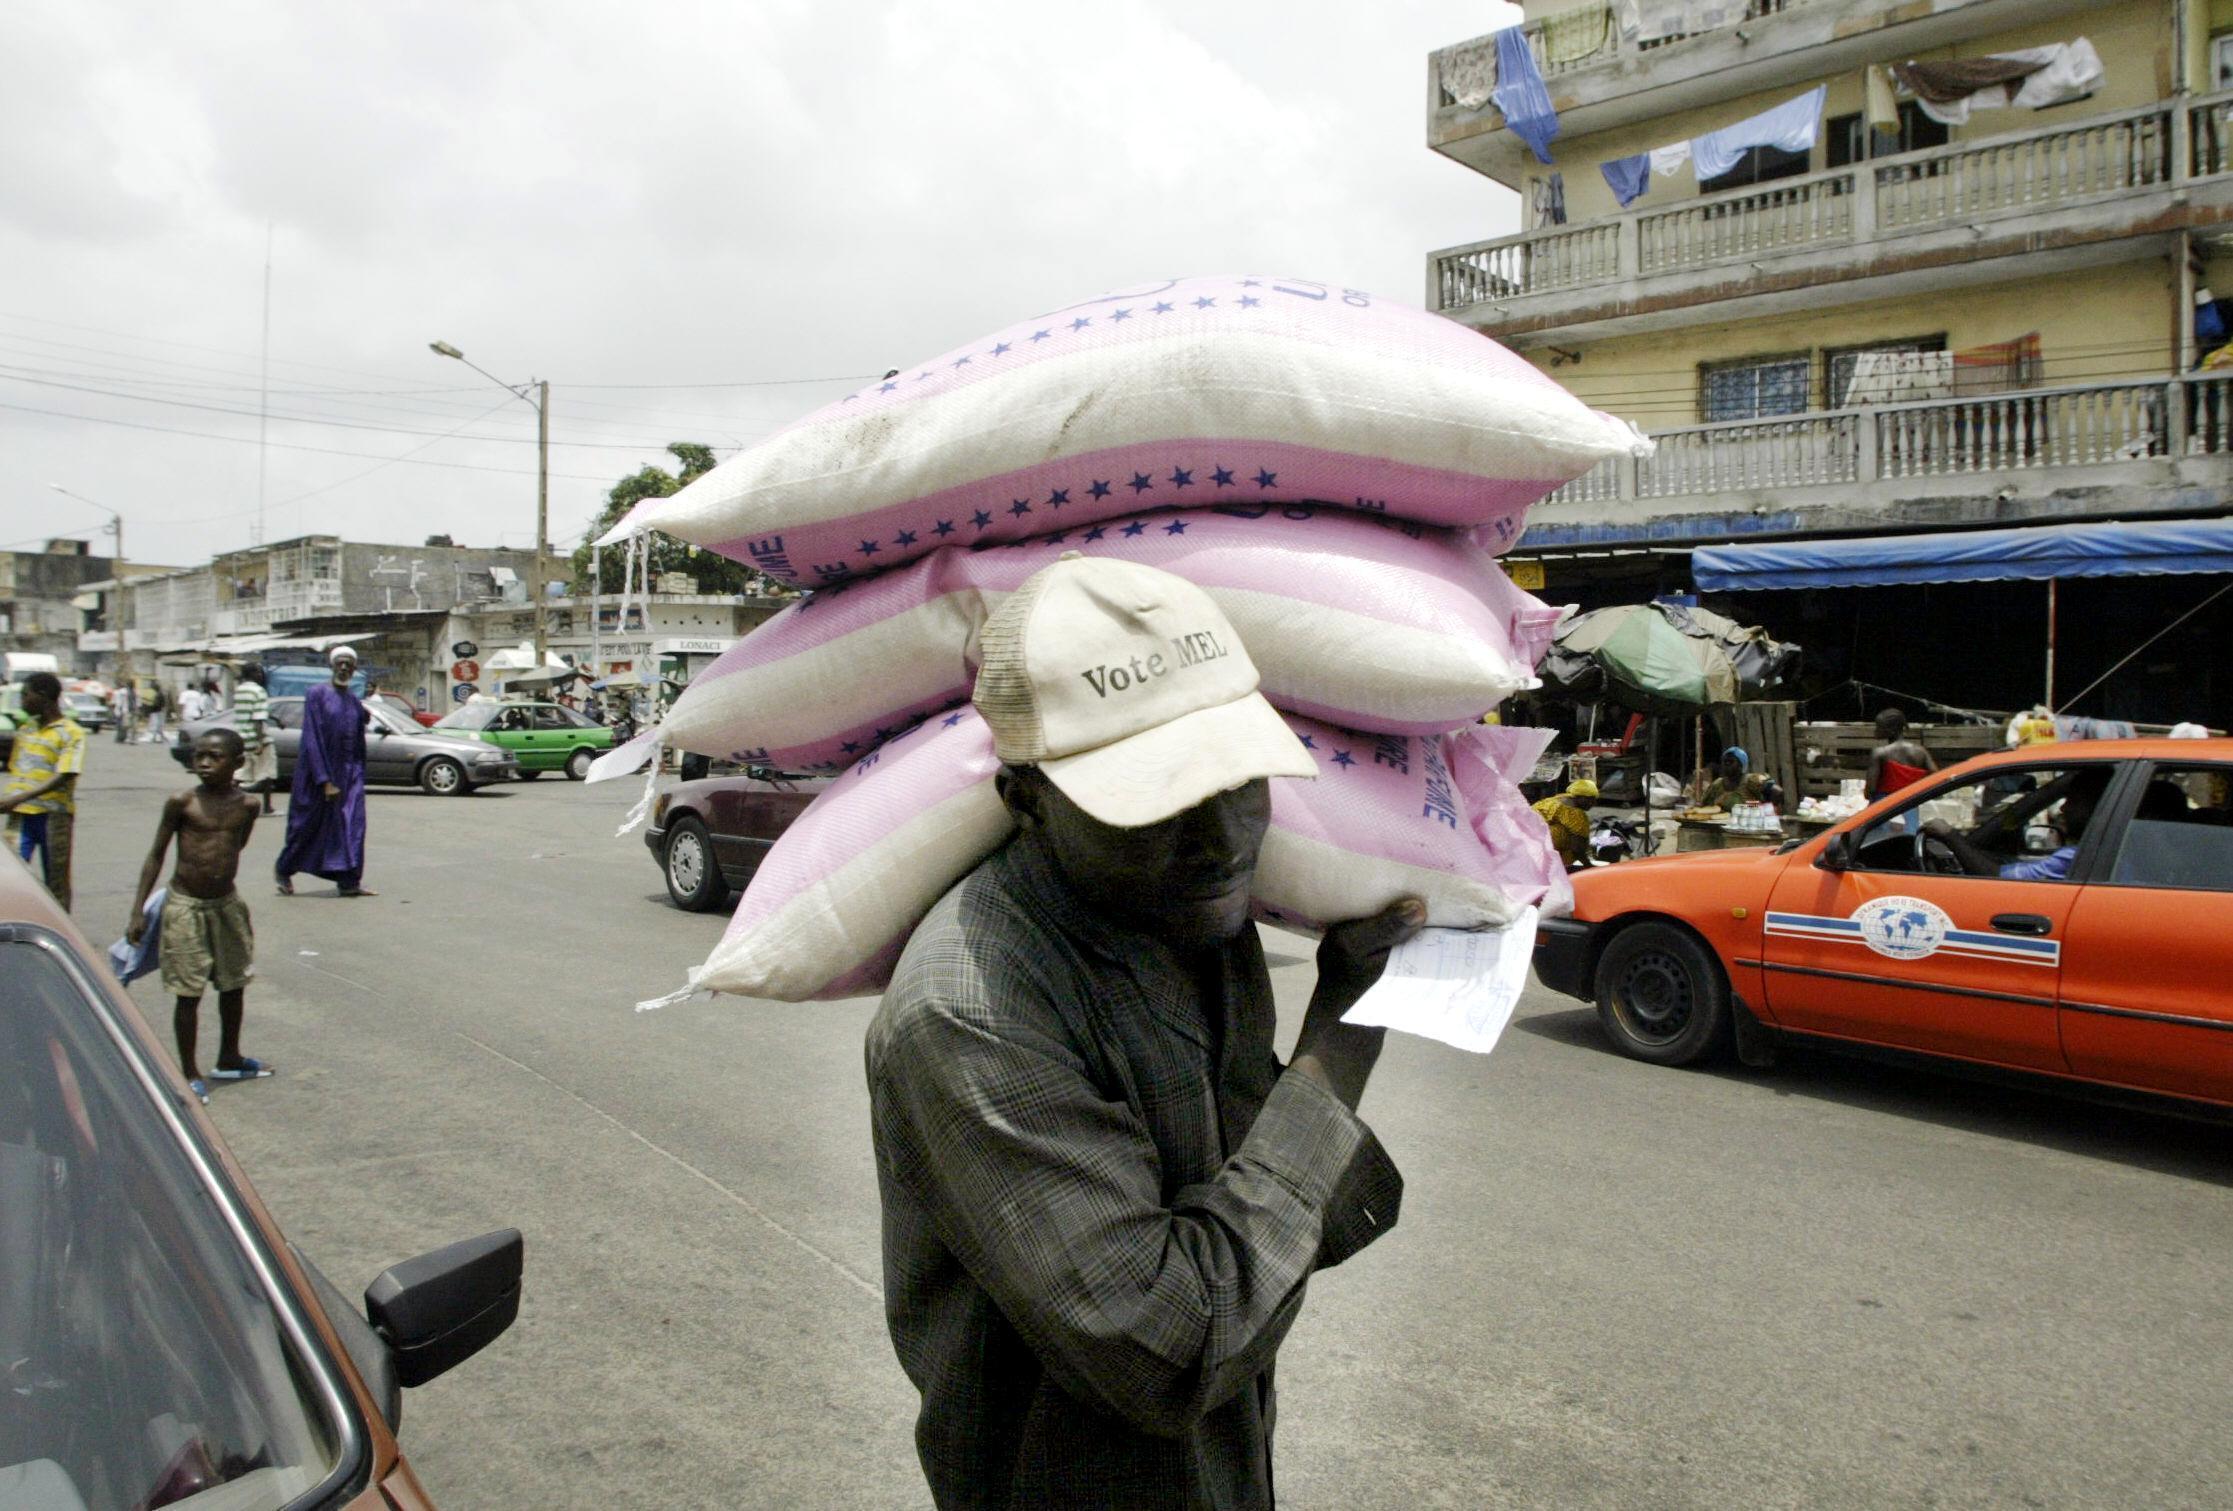 Continua o folhetim do arroz doado pela China à Guiné-Bissau